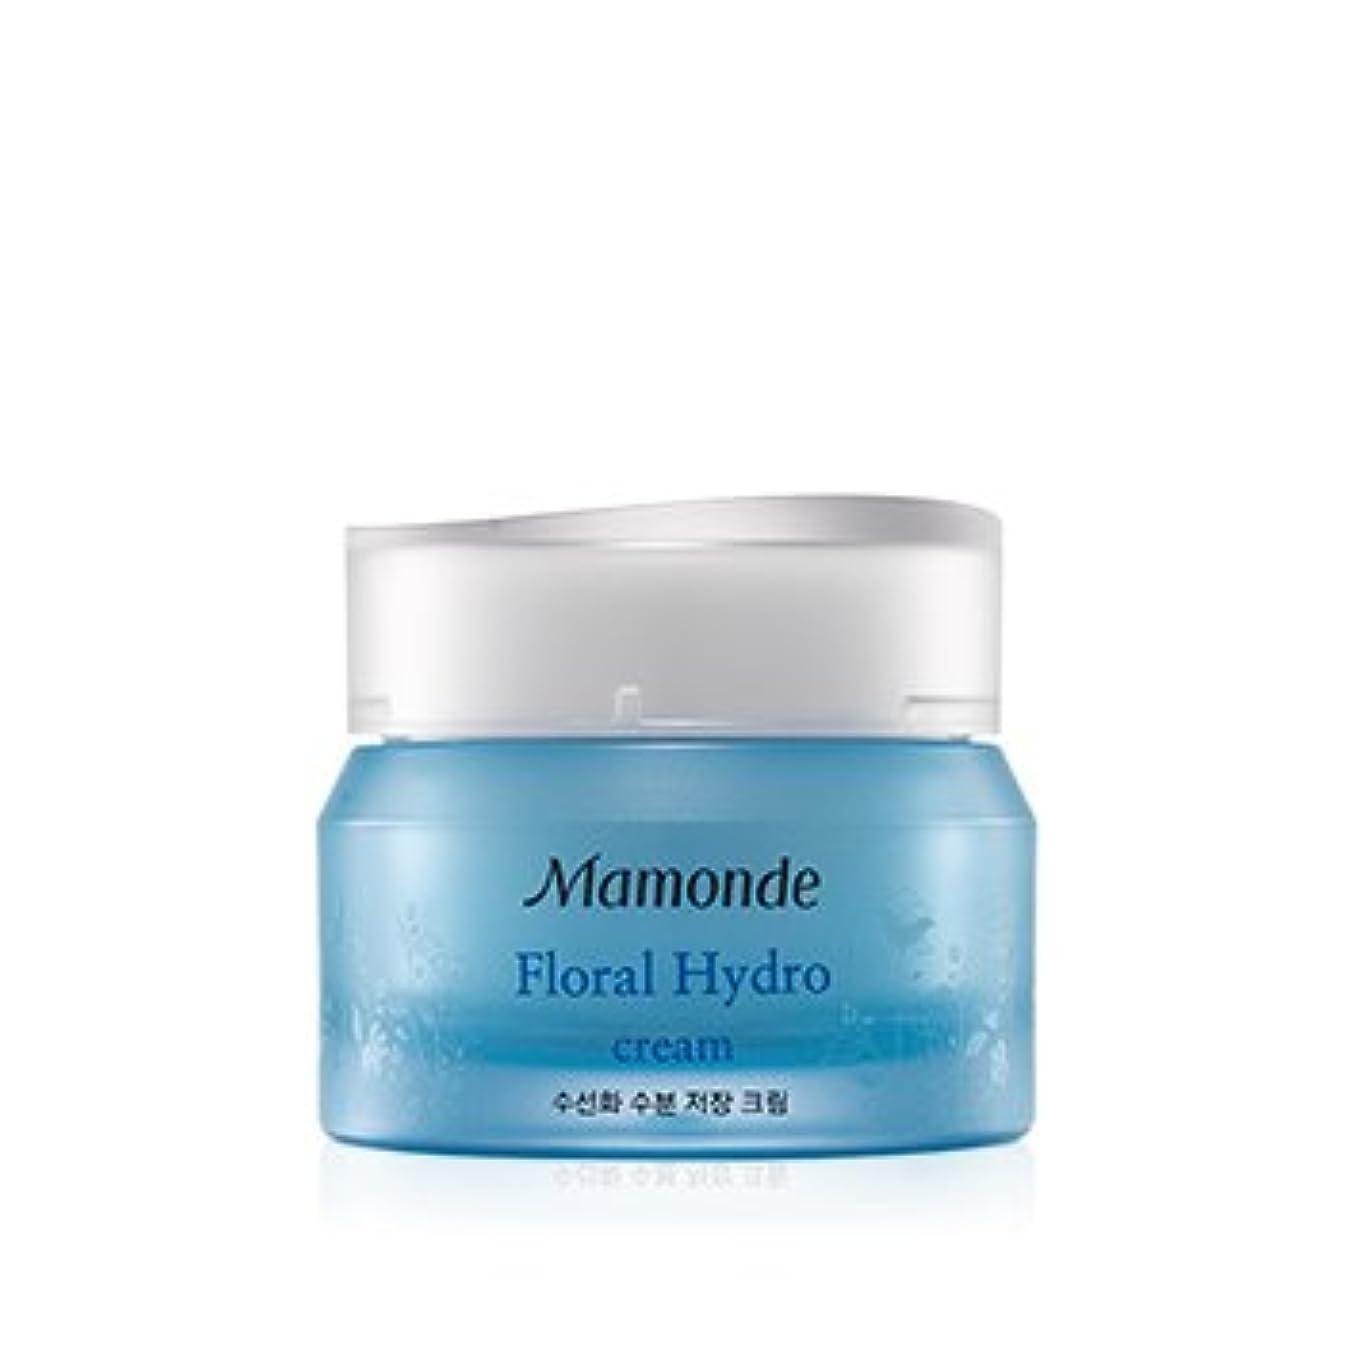 反響する韻モンキー[2017 New] Mamonde Floral Hydro Cream 50ml/マモンド フローラル ハイドロ クリーム 50ml [並行輸入品]